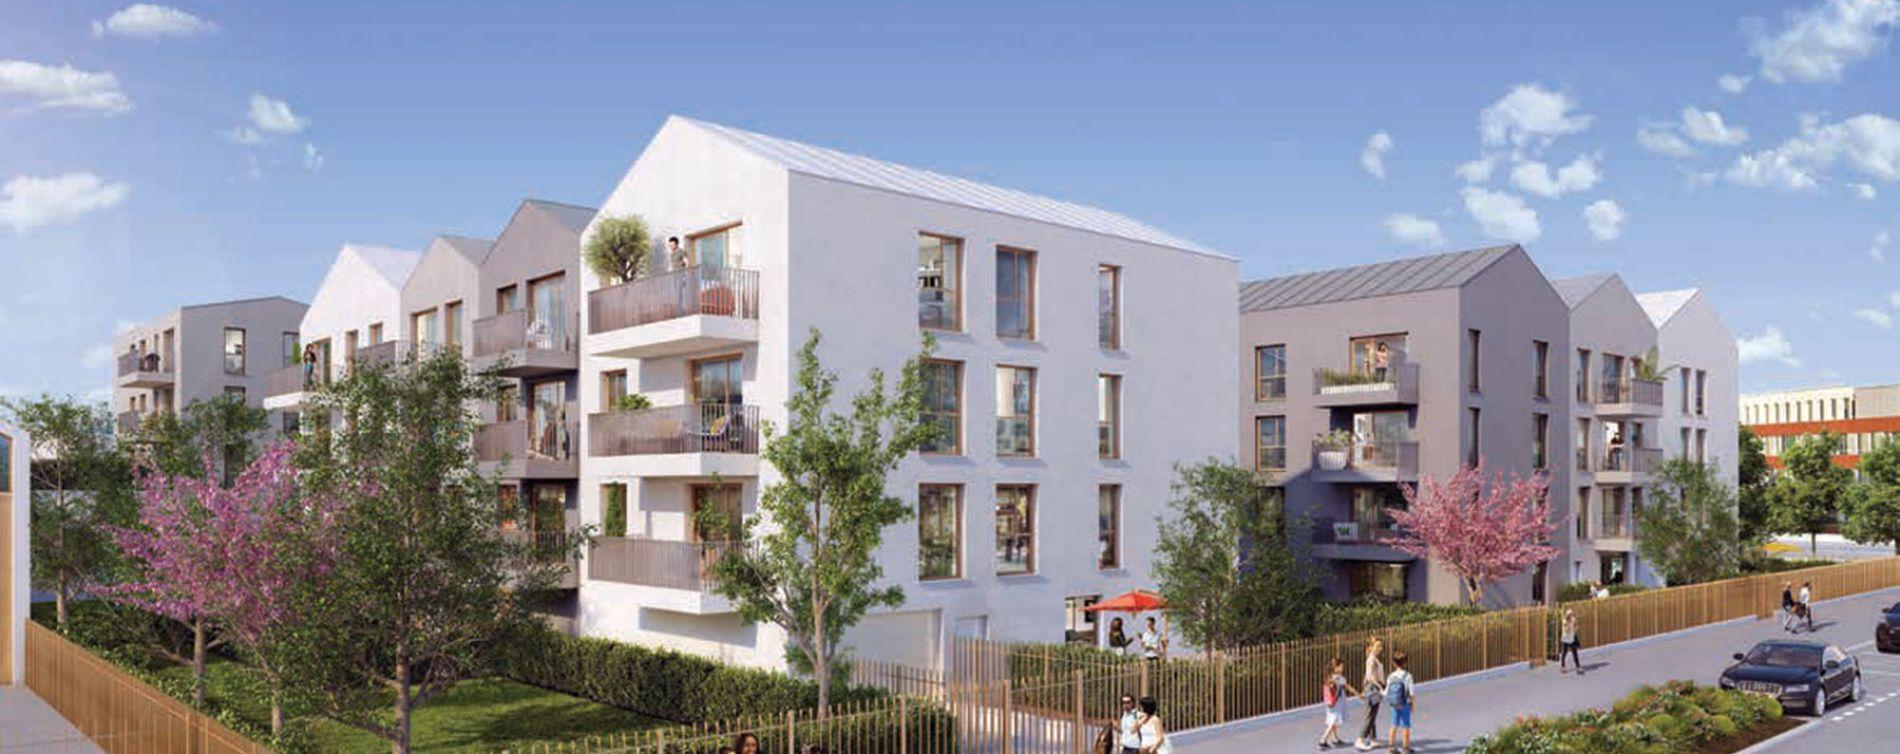 Garges-lès-Gonesse : programme immobilier neuve « Programme immobilier n°217732 » en Loi Pinel (2)